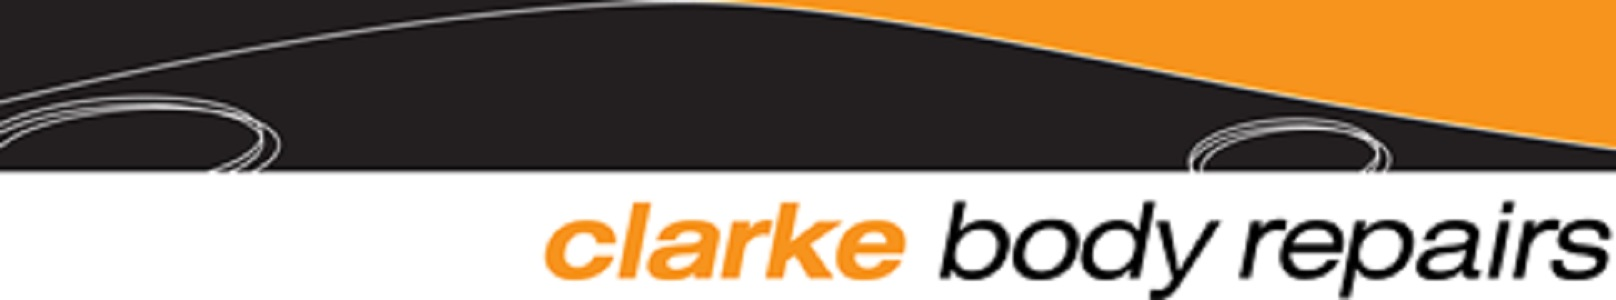 Clarke Body Repairs